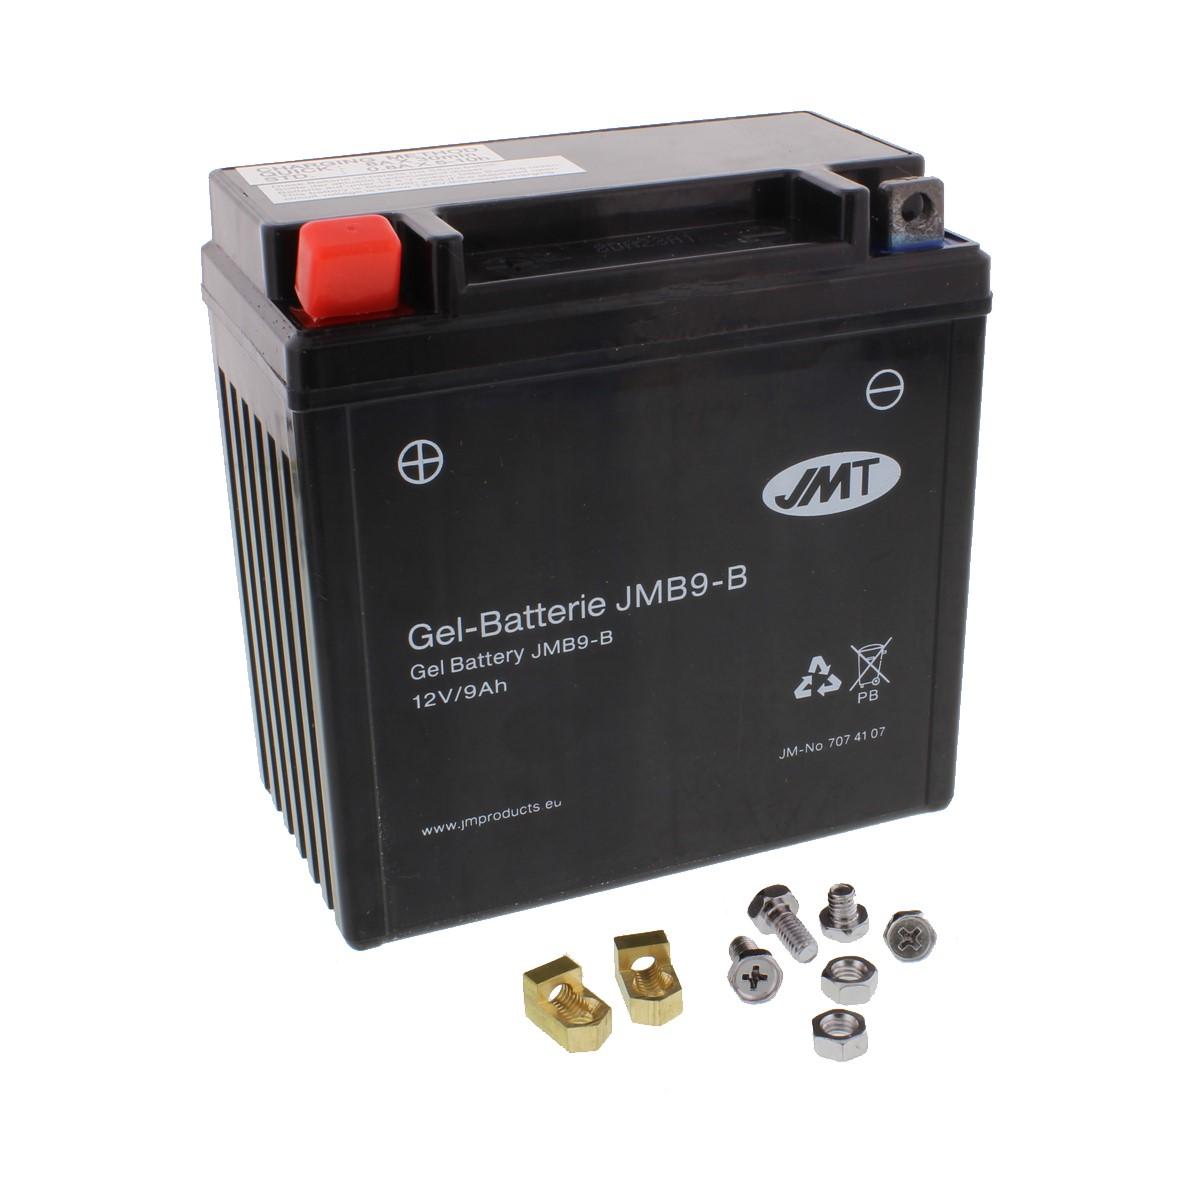 GEL Batterie YB9-B Piaggio Ape 50 Web Cross C8000 Bj 2001-2008